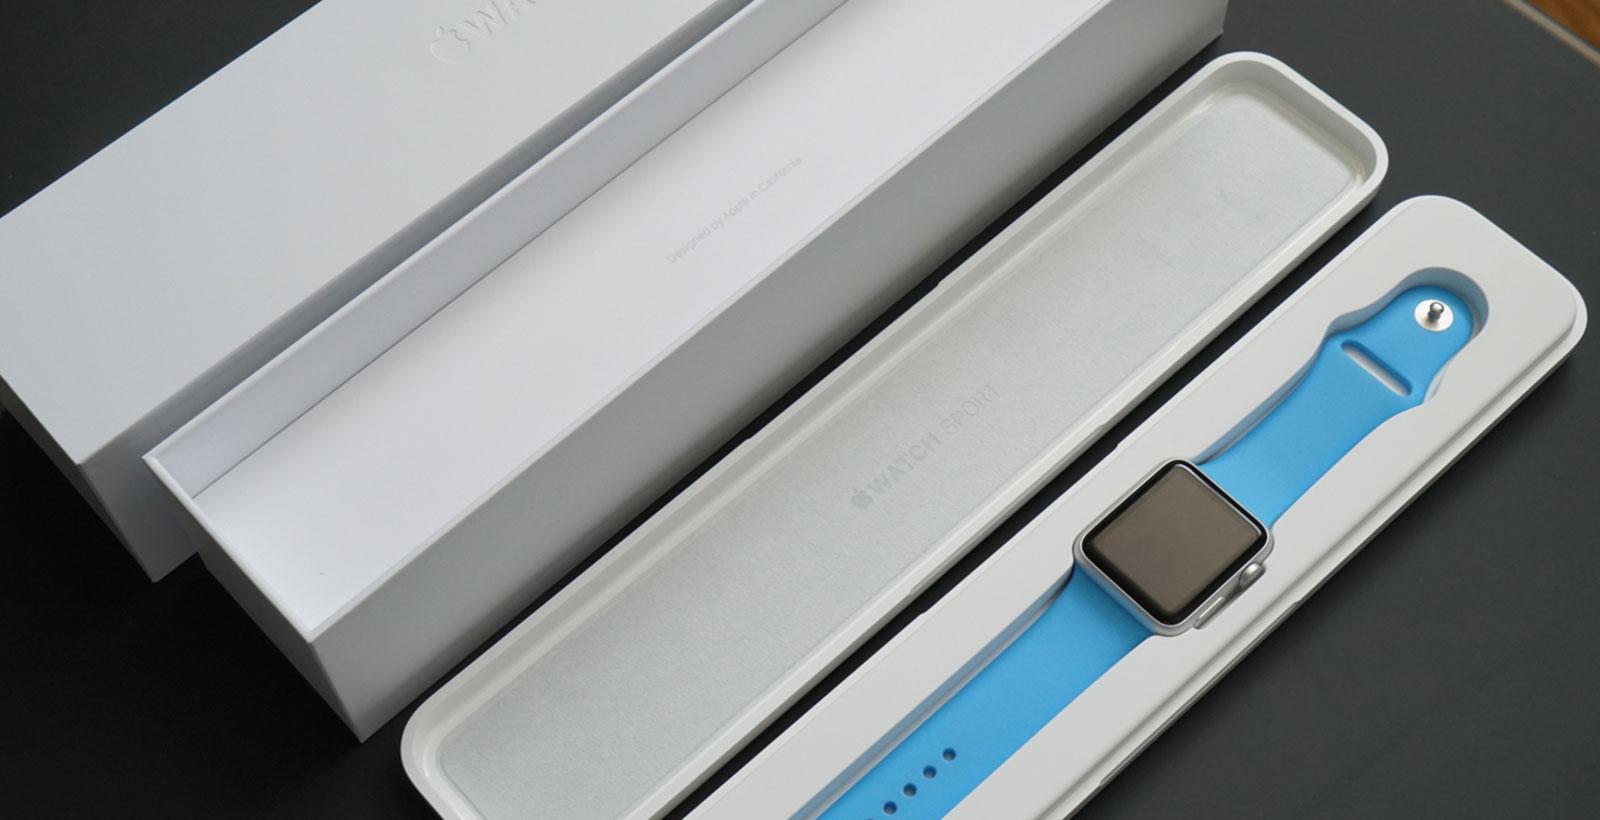 La montre, dans un boîtier de plastique, dans une boîte de carton.